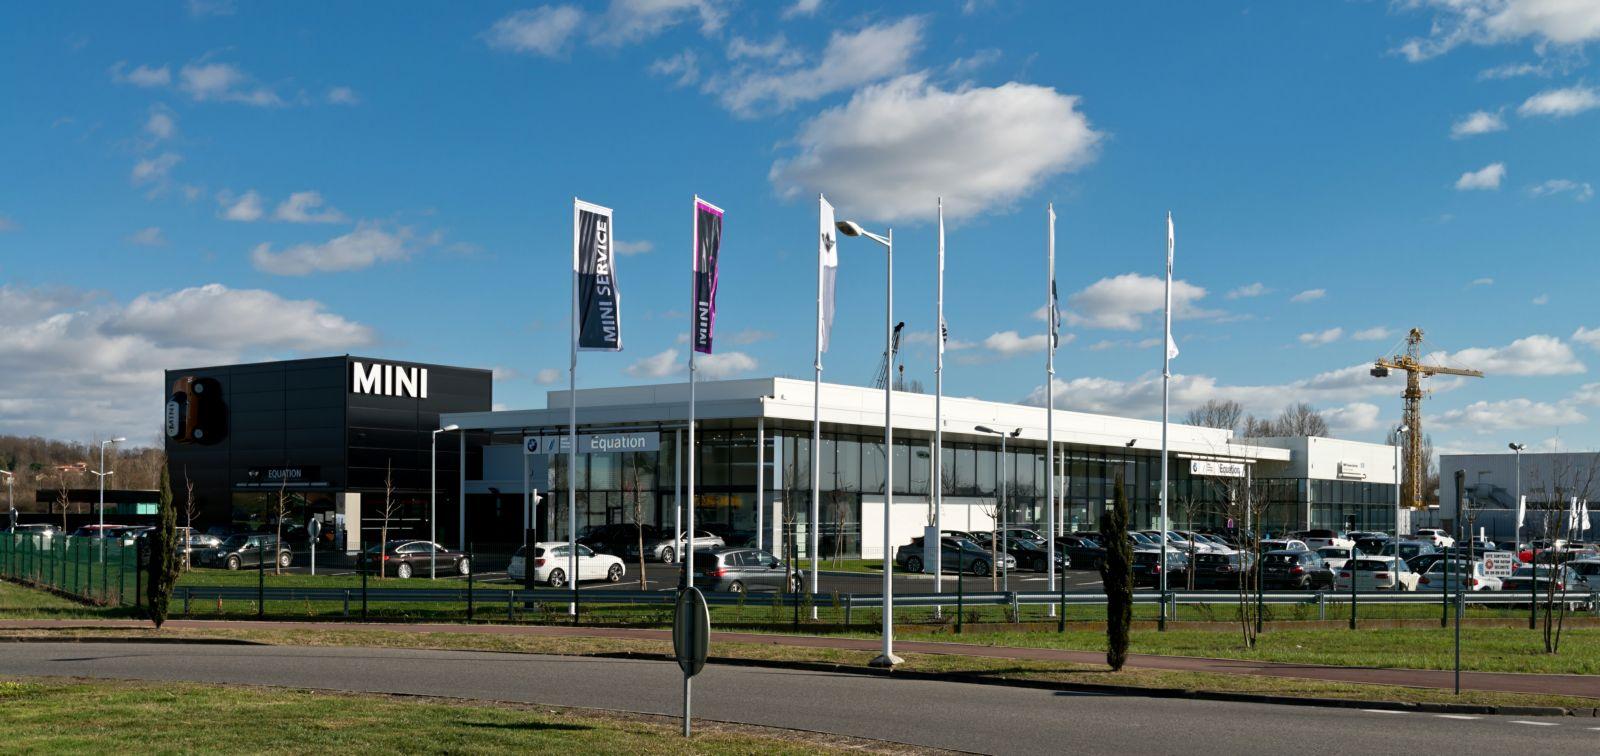 BMW MINI EQUATION TOULOUSE : Concessionnaire BMW LABEGE - Auto ...